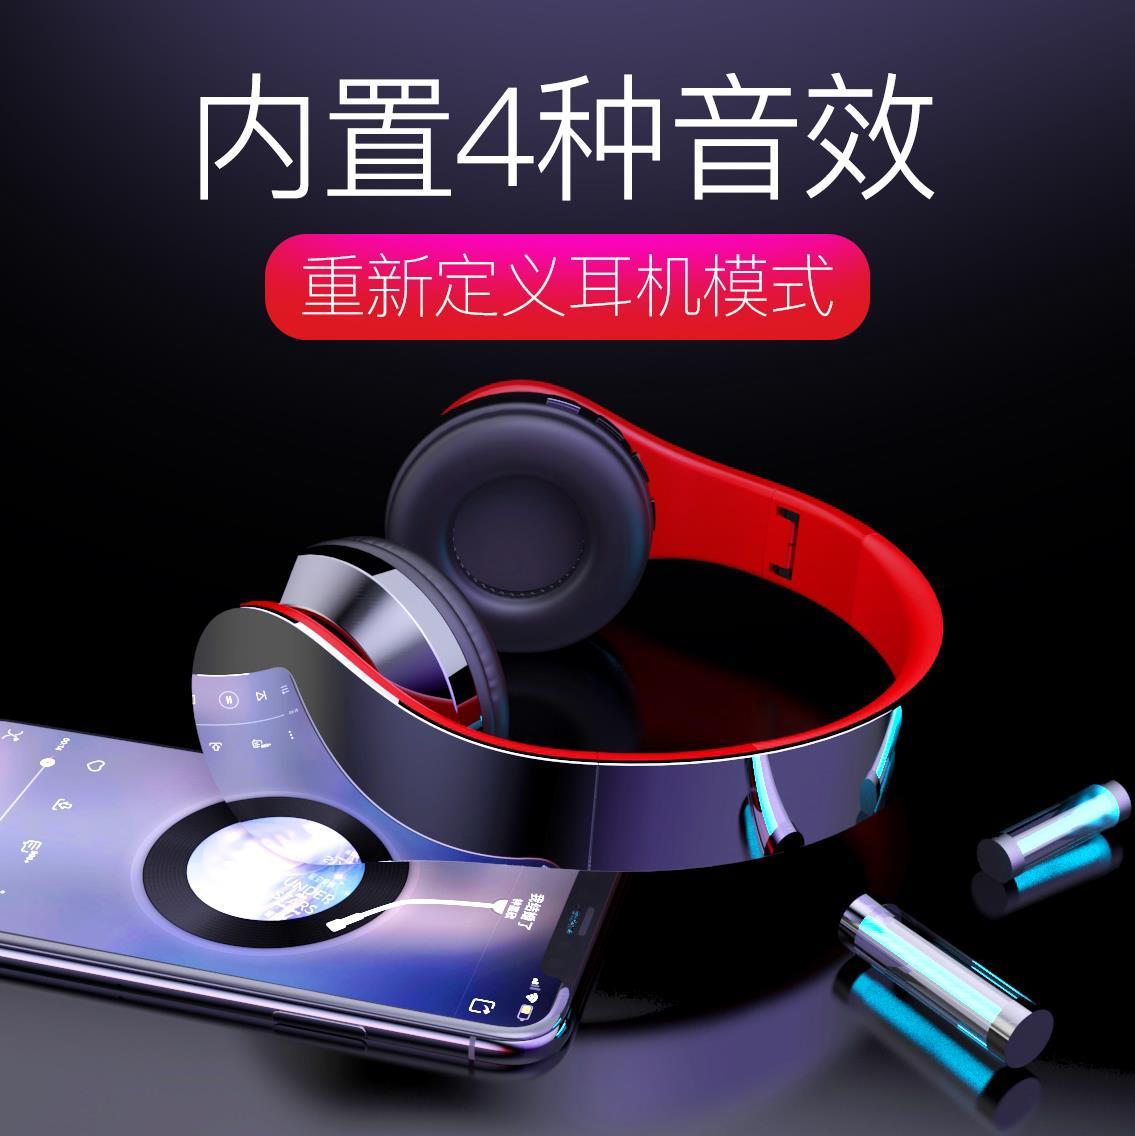 无线蓝牙头戴式耳机重低音游戏b耳麦lo魔音手机男生女生学生